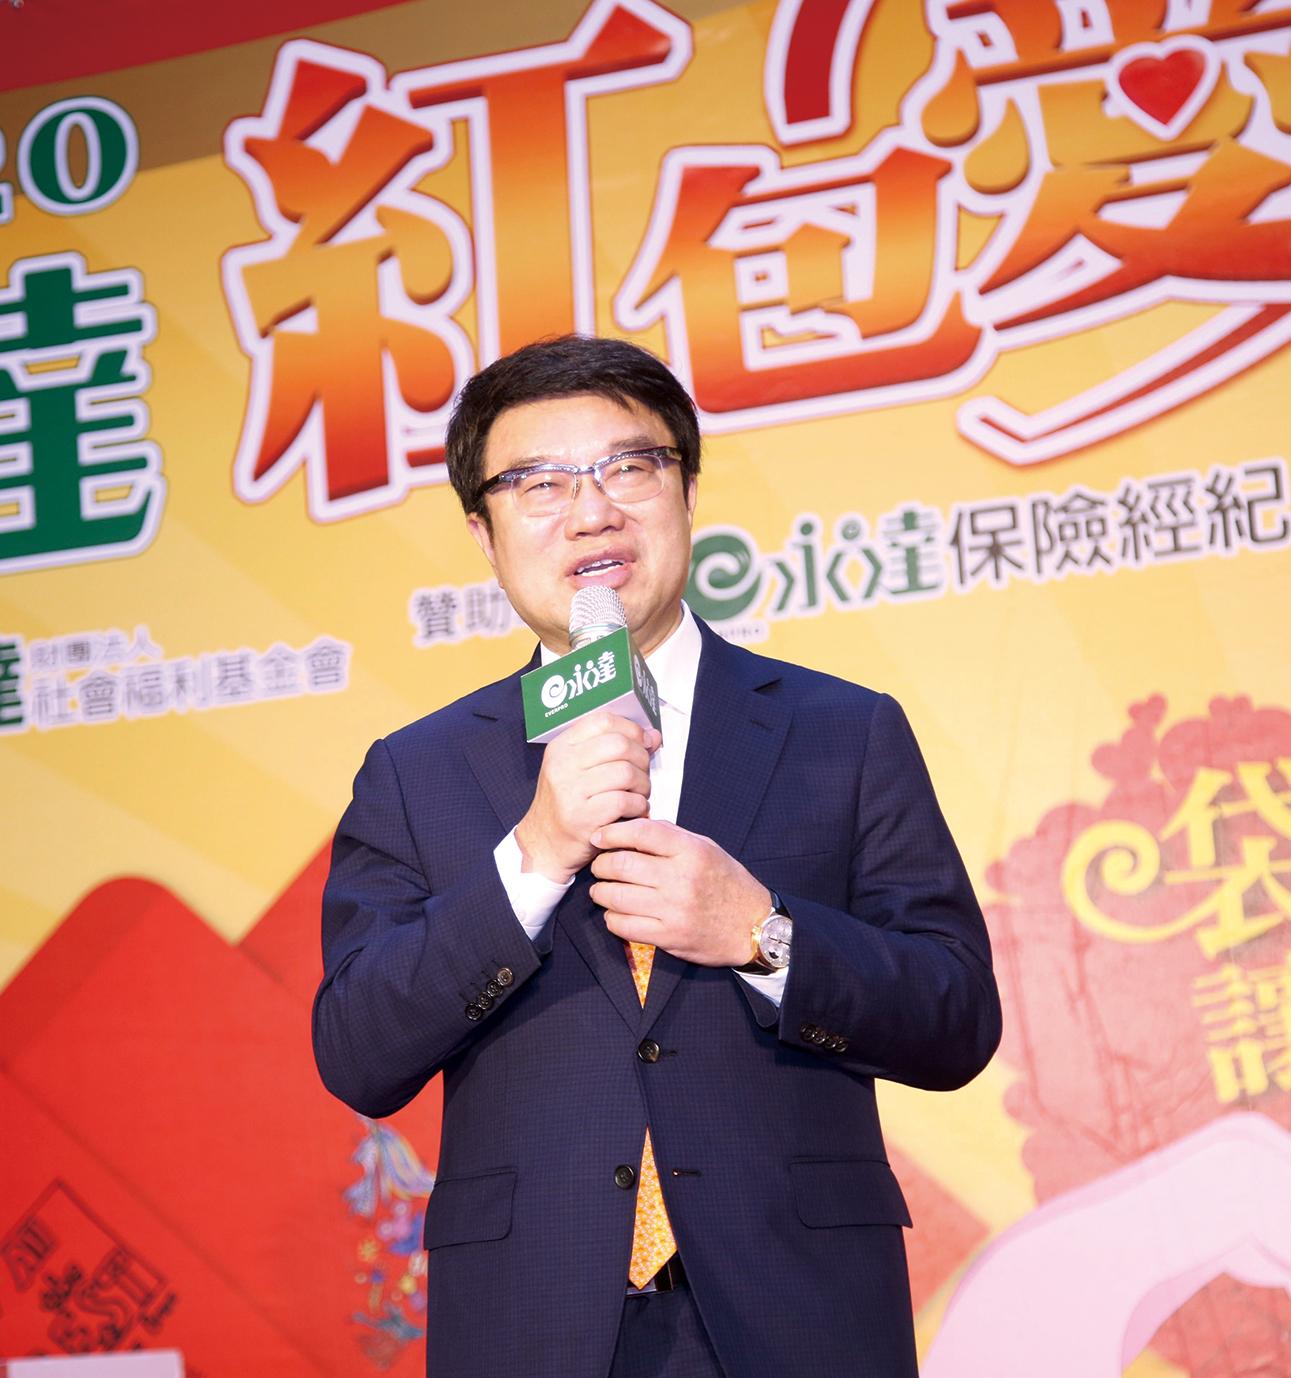 財團法人永達社會福利基金會暨永達保經吳文永董事長,於紅包愛記者會上致詞。